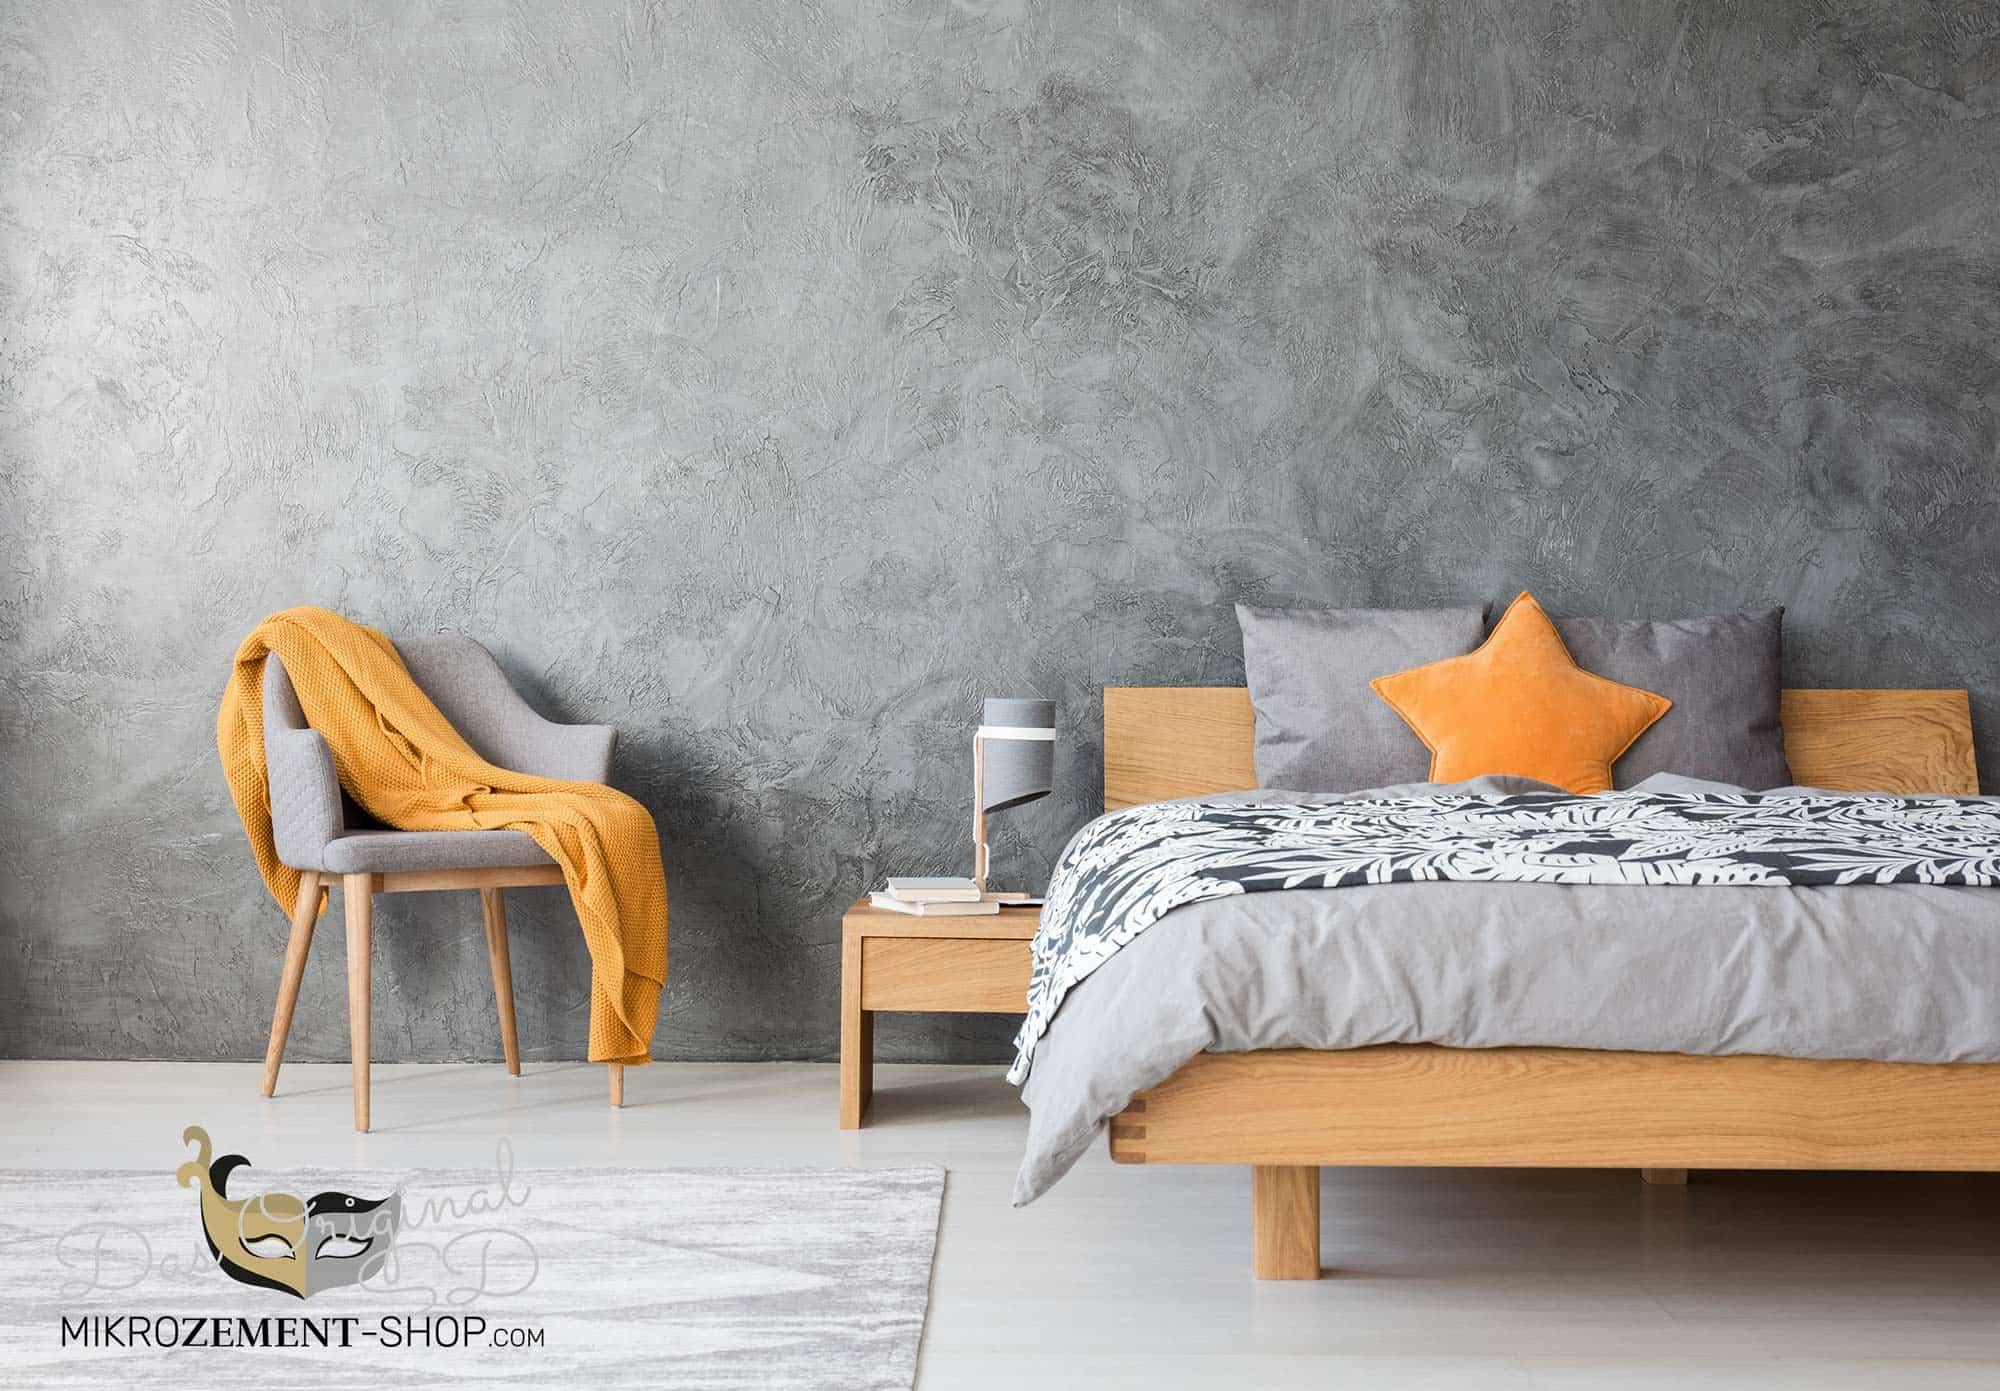 Mikrozement grau im Schlafzimmer Wand